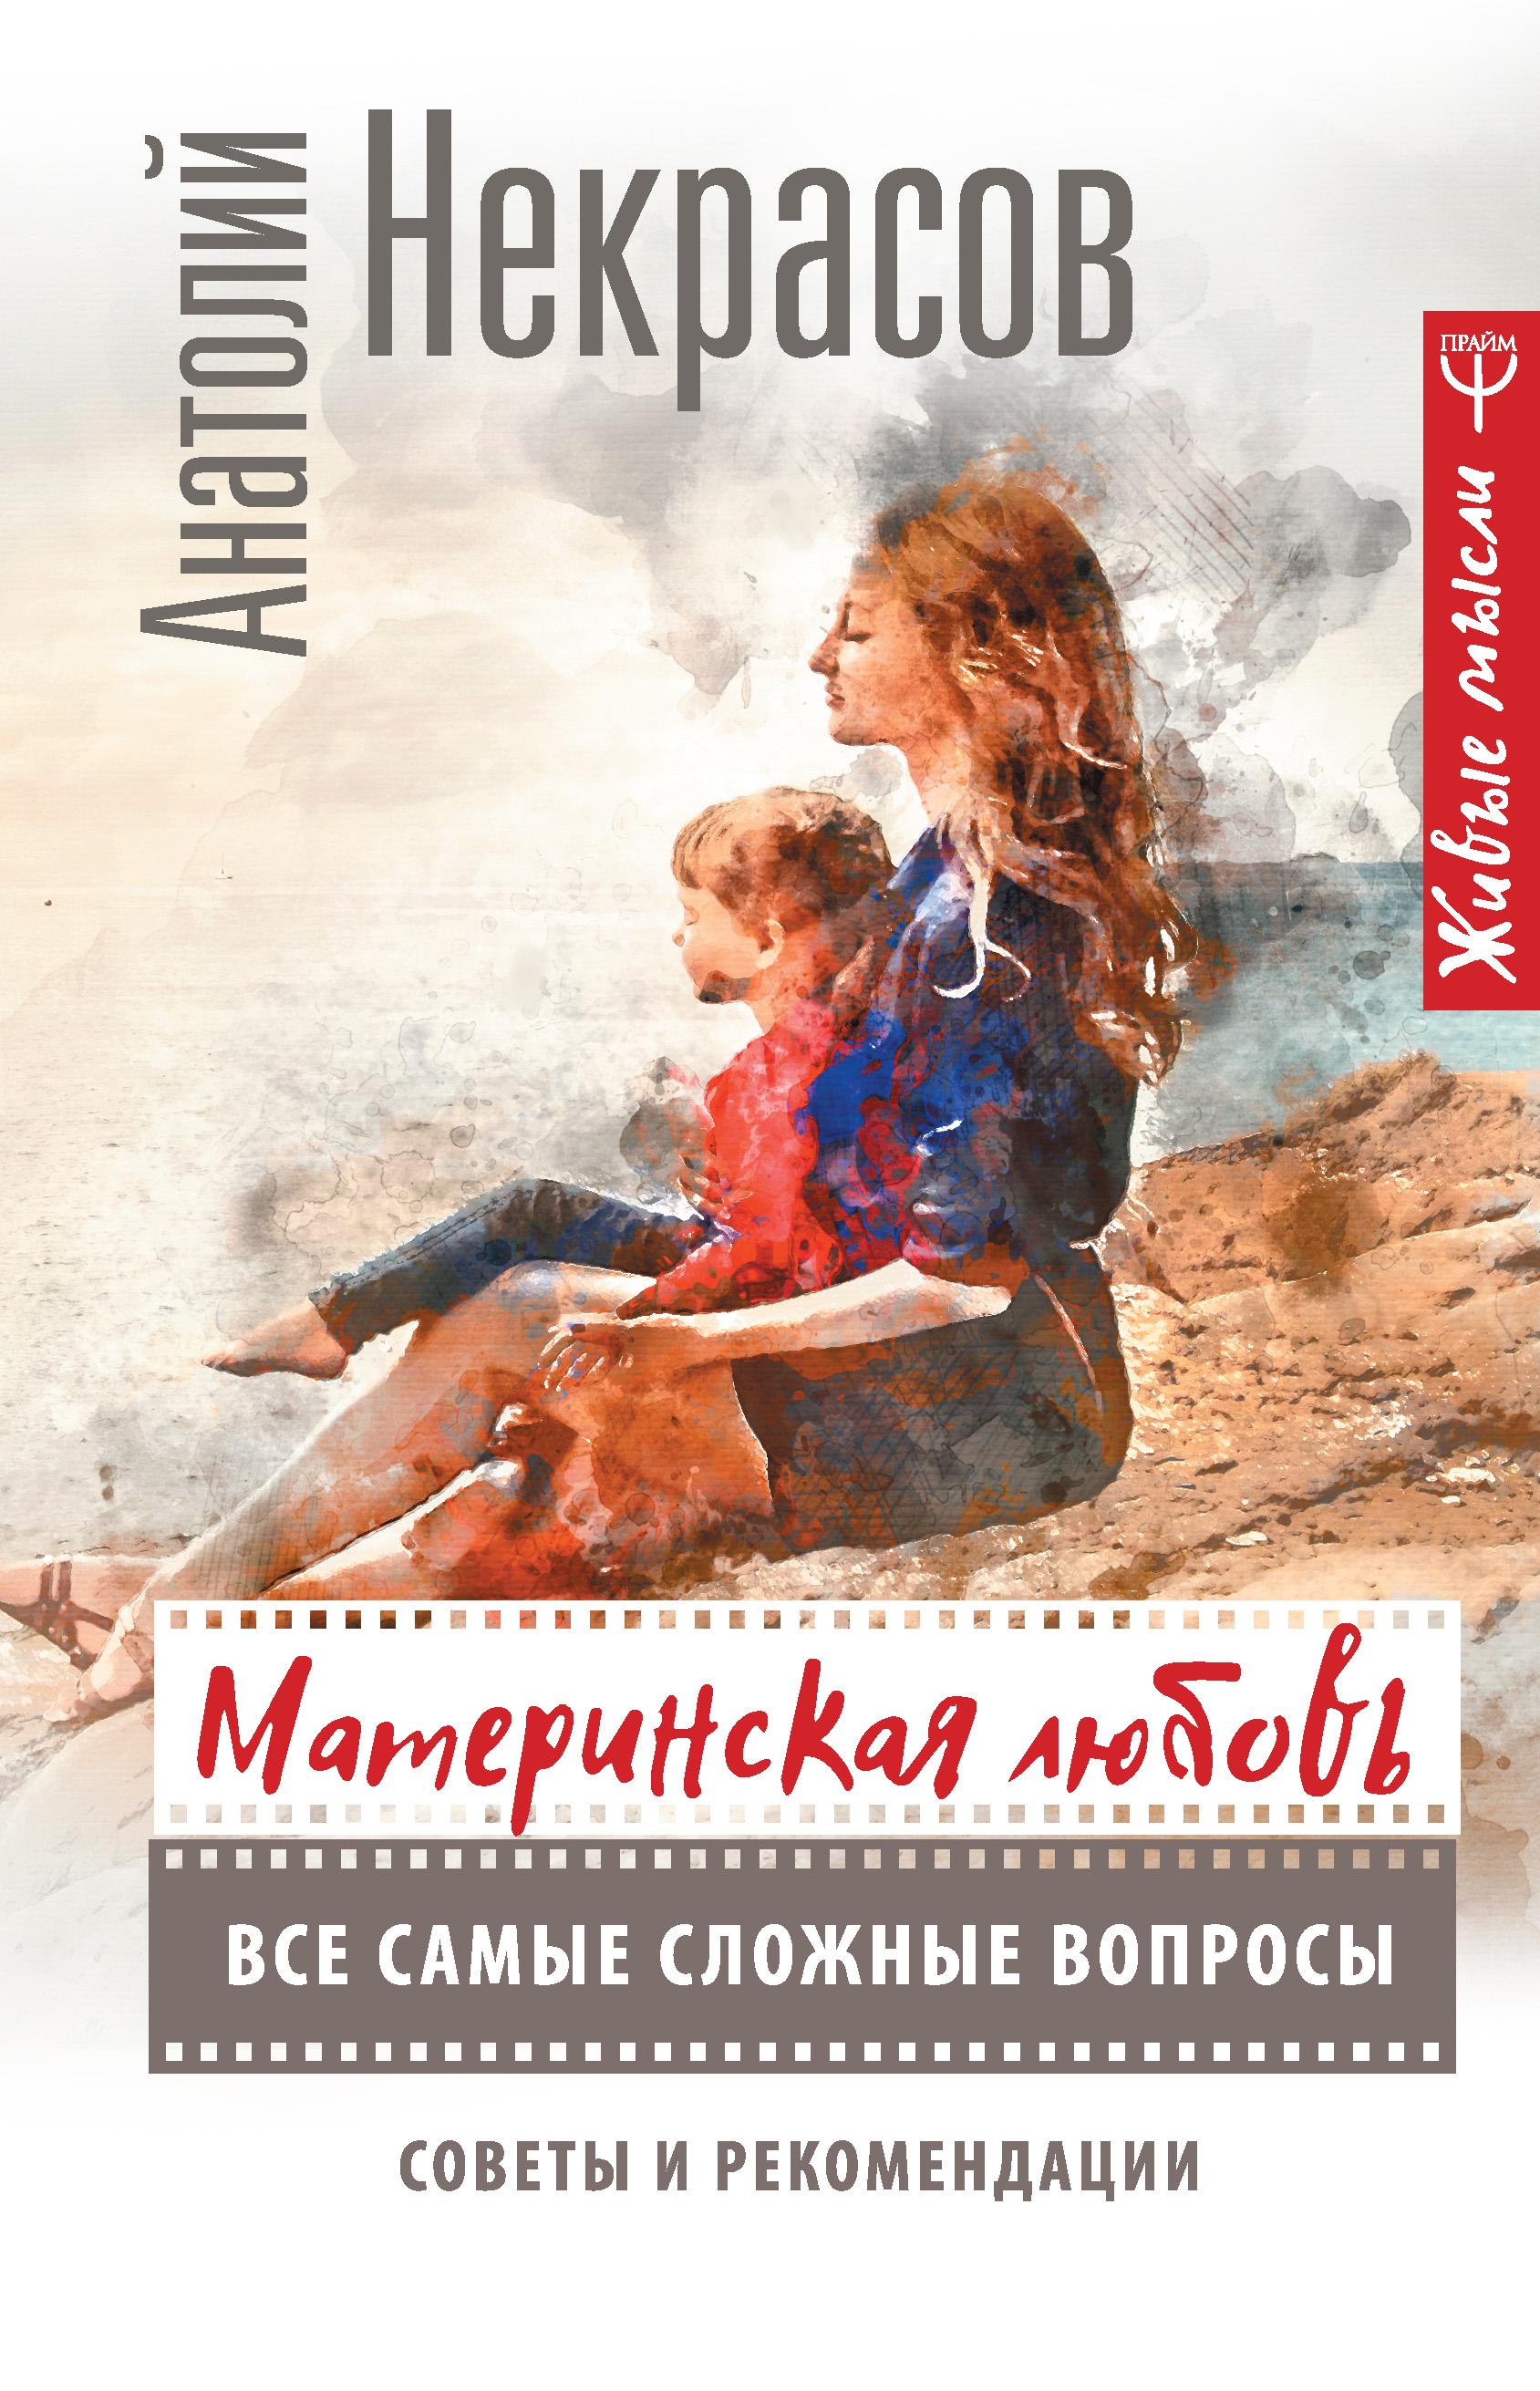 Купить книгу Материнская любовь. Все самые сложные вопросы. Советы и рекомендации, автора Анатолия Некрасова